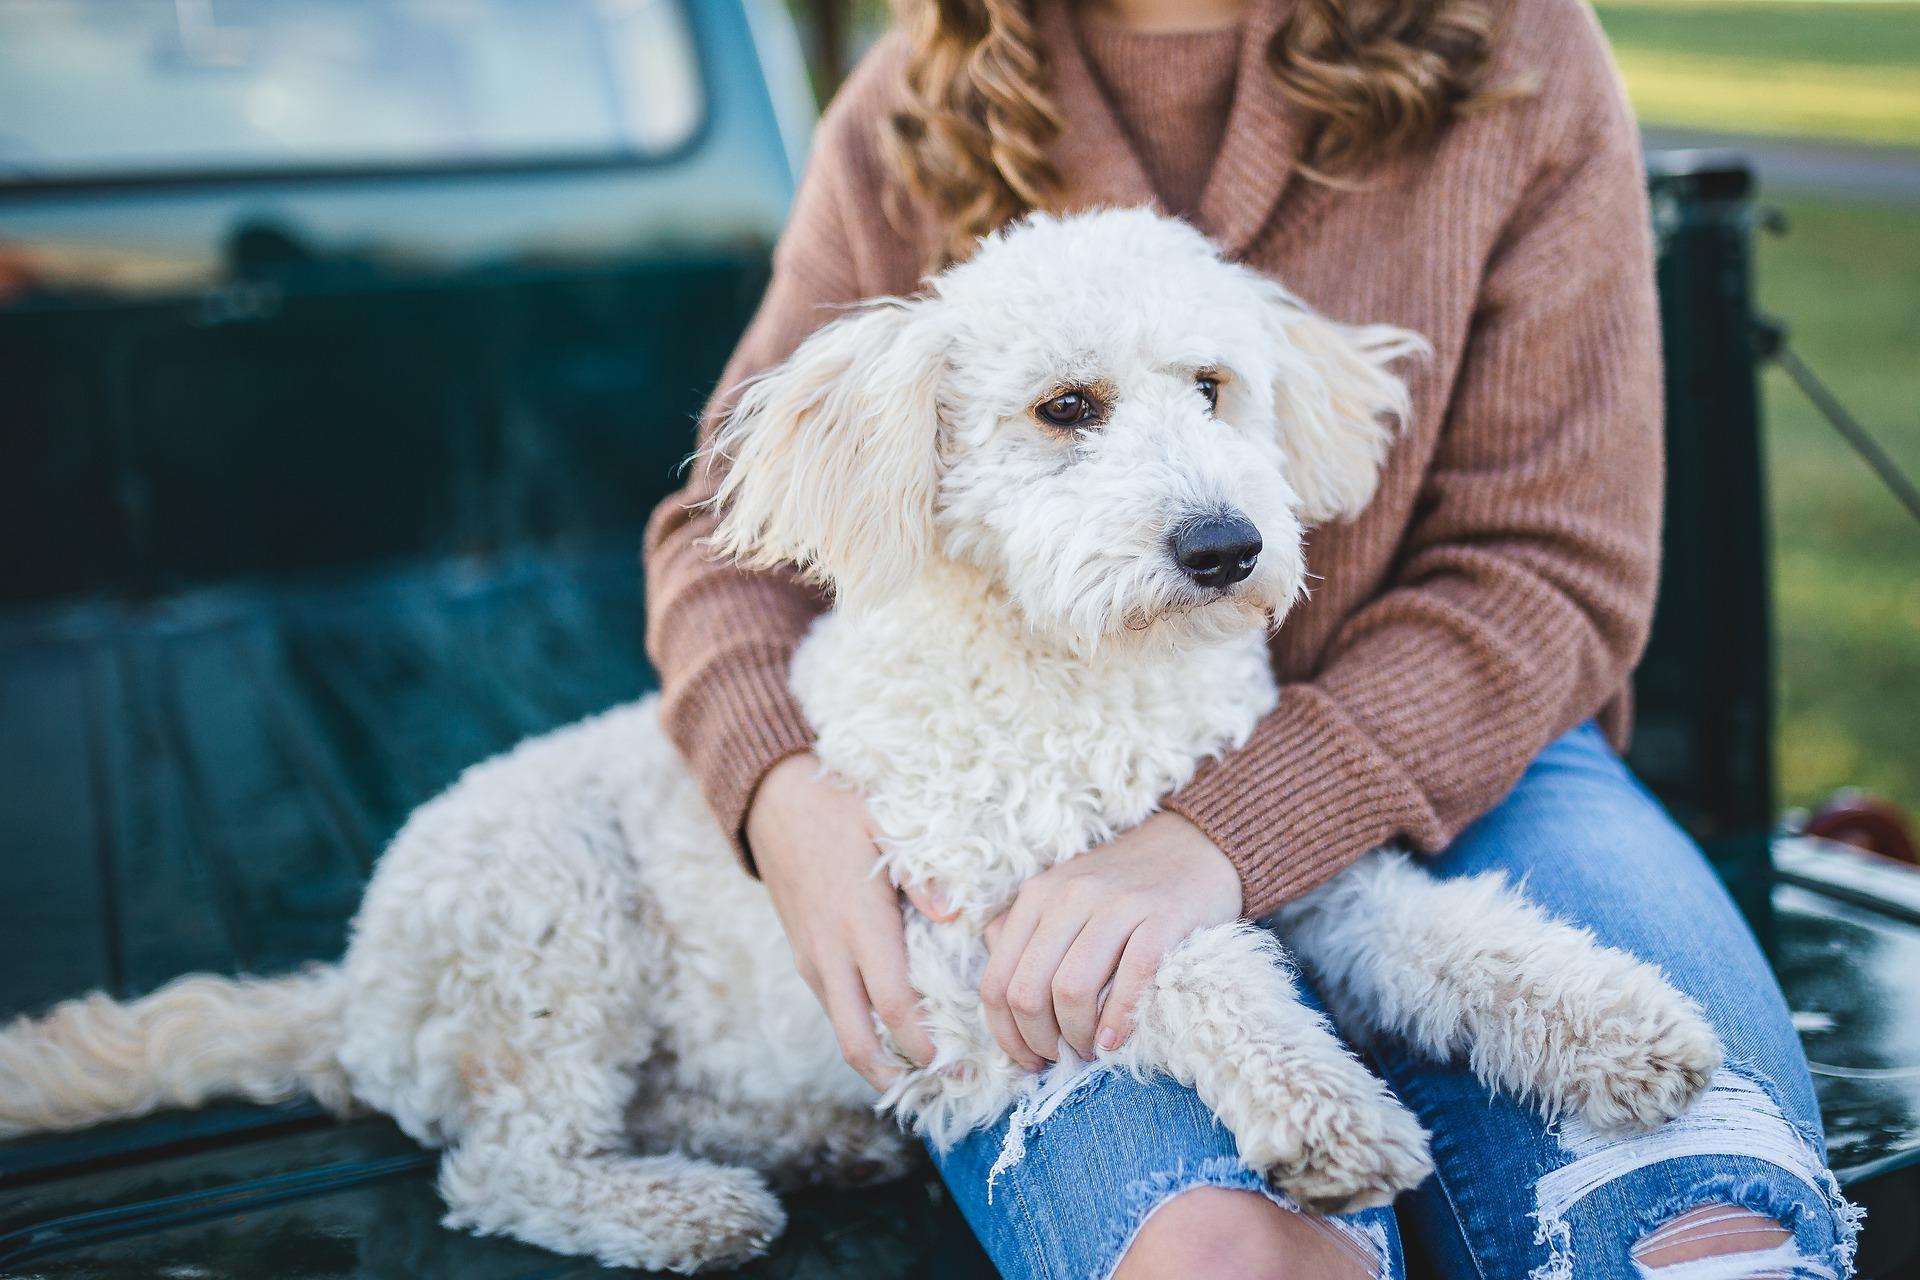 Dog cuddled by woman